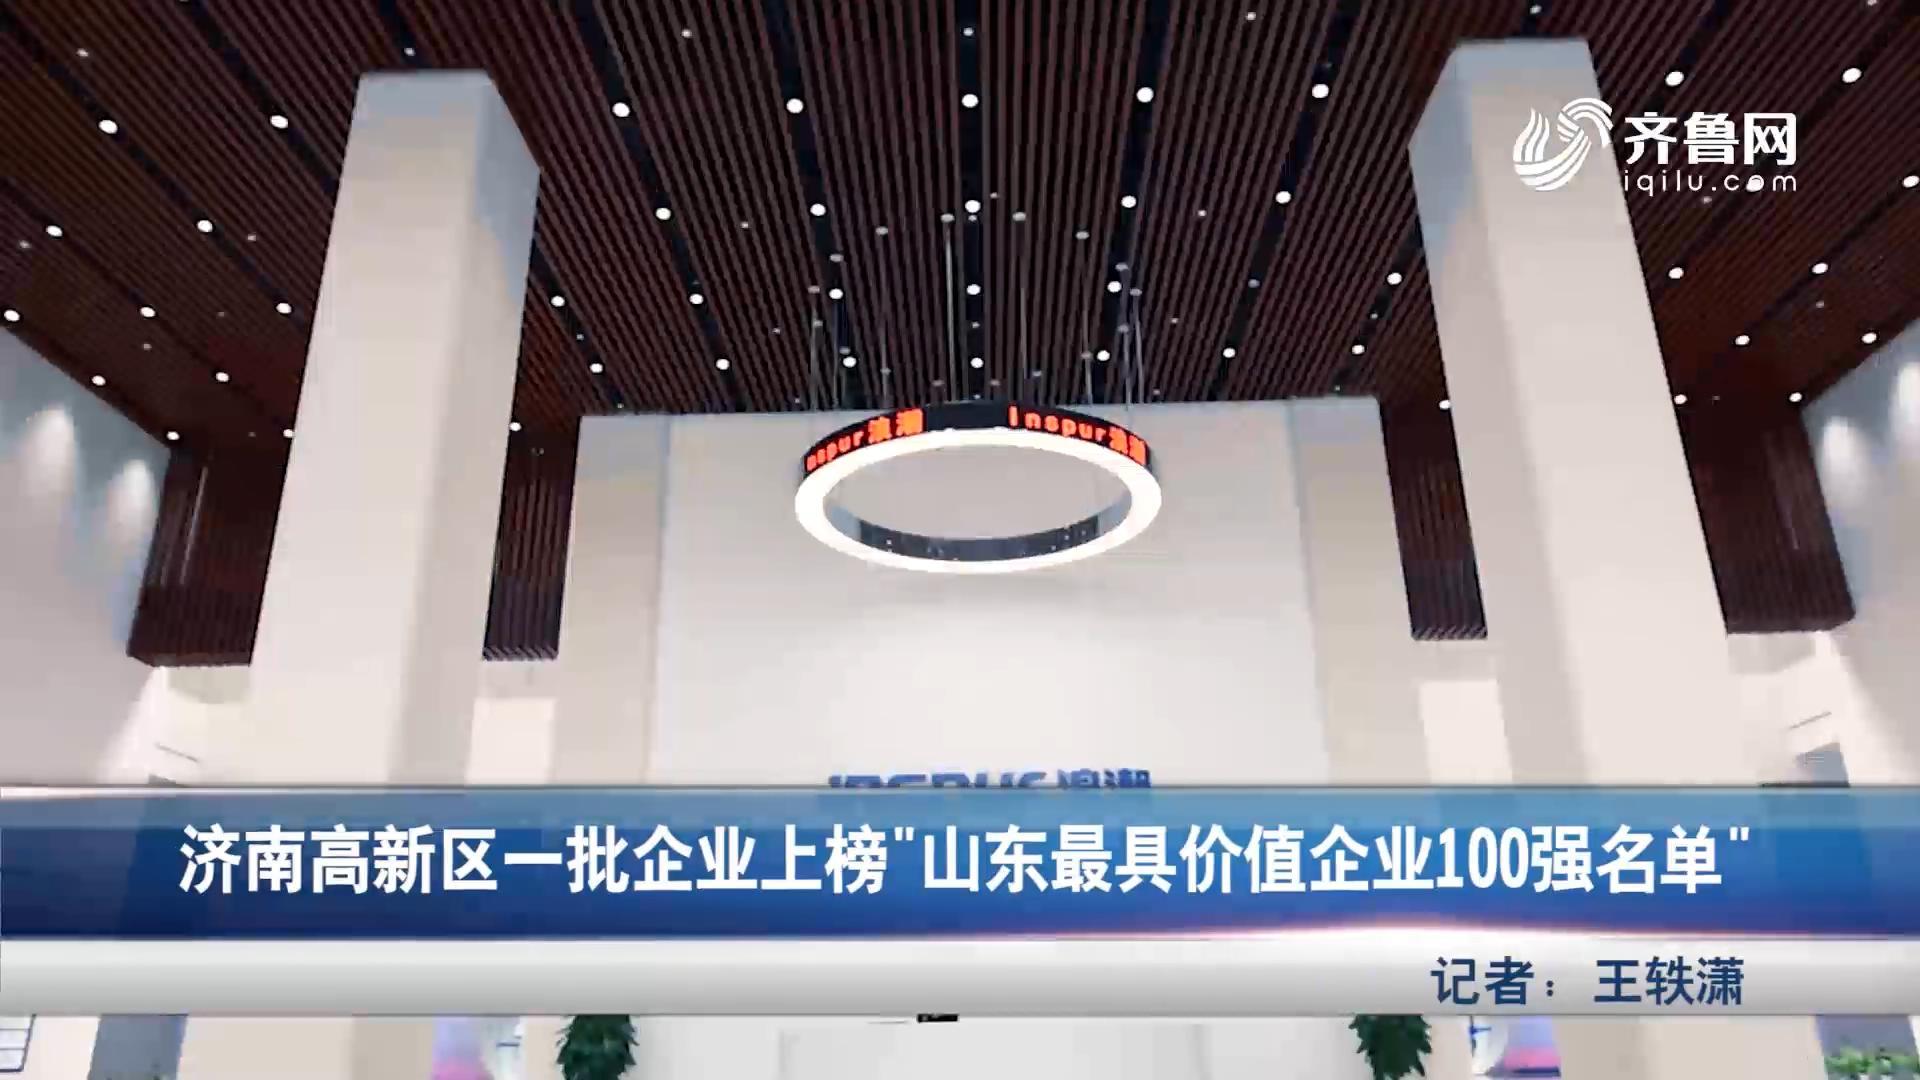 济南高新区企业上榜山东最有价值企业百强名单